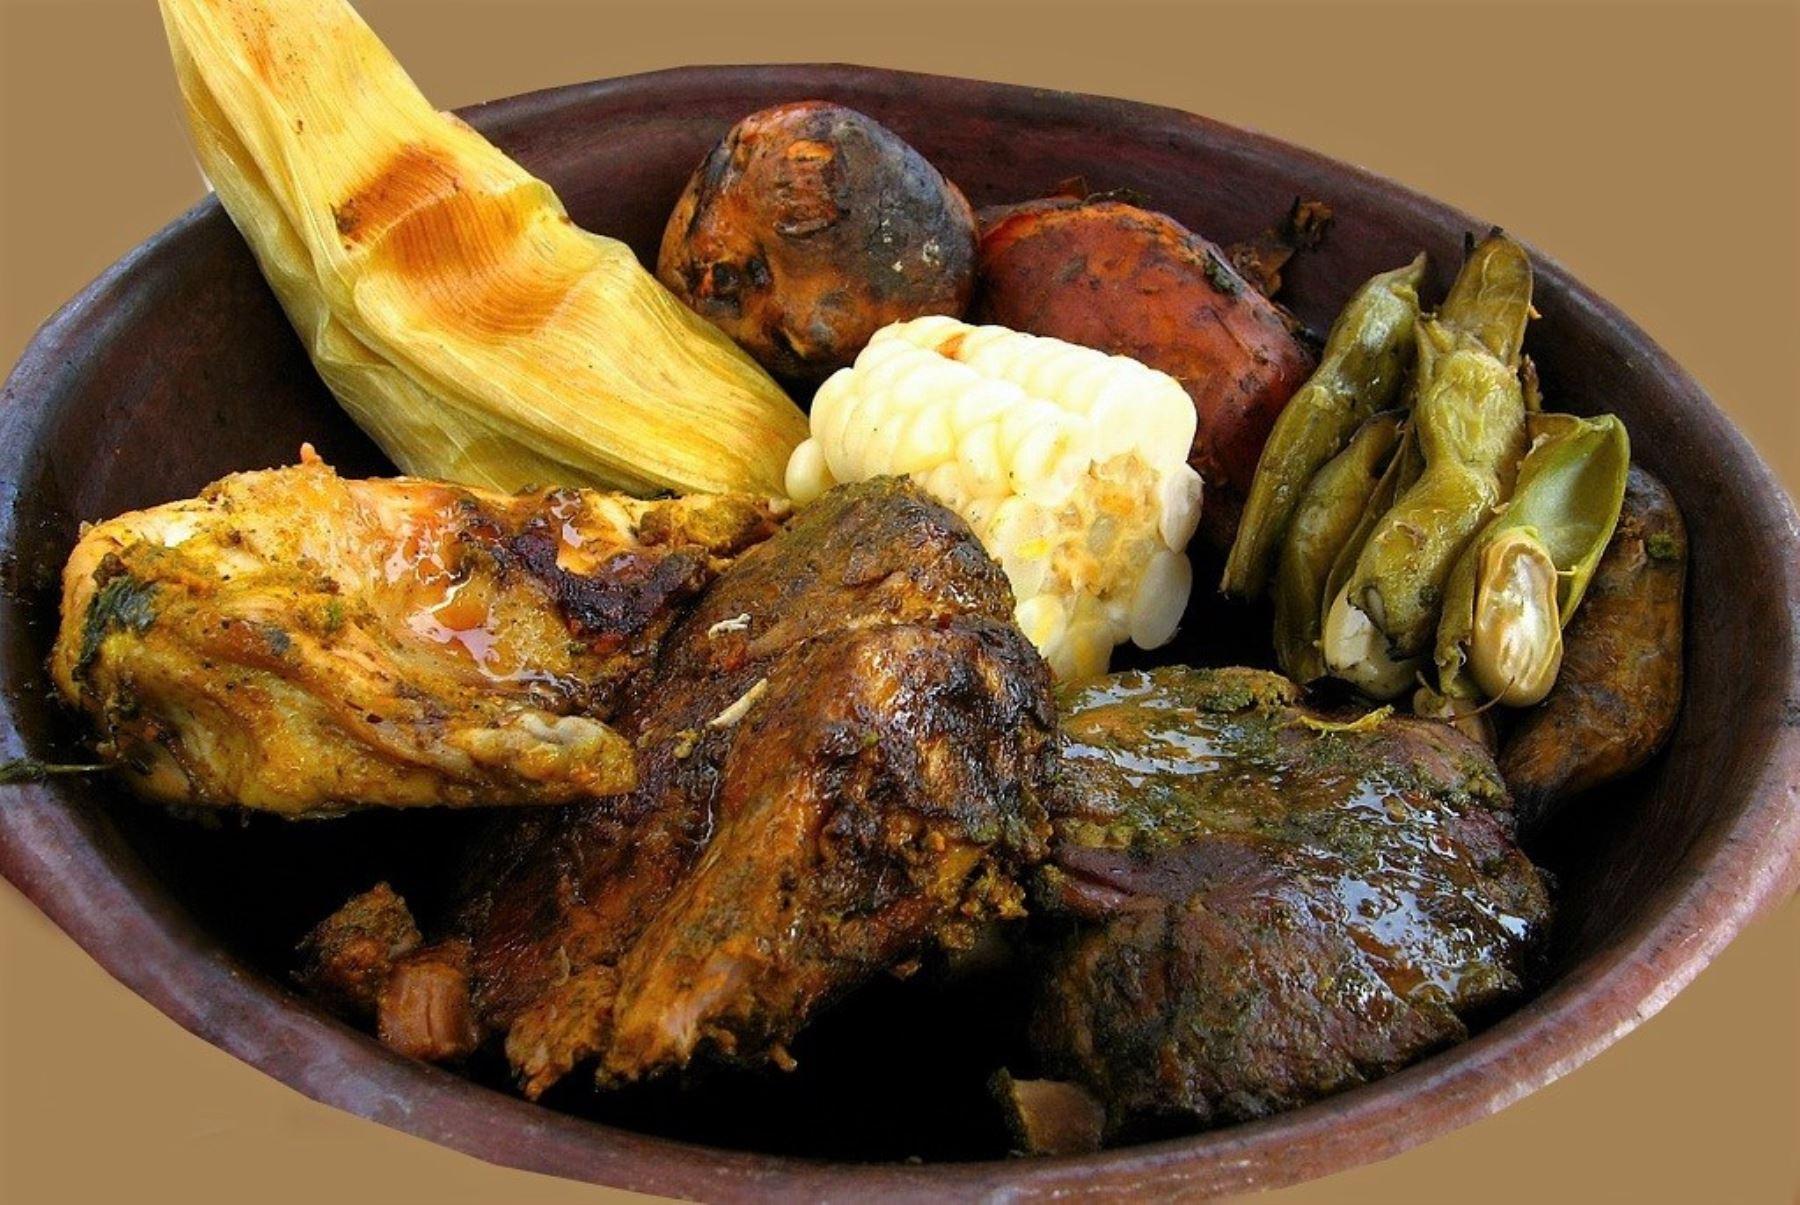 El Día Nacional de la Pachamanca fue instituido cada primer domingo de febrero, con el propósito de revalorar a este plato tradicional y emblemático, de raíces culturales ancestrales, que se elabora en varias regiones del Perú. ANDINA/archivo